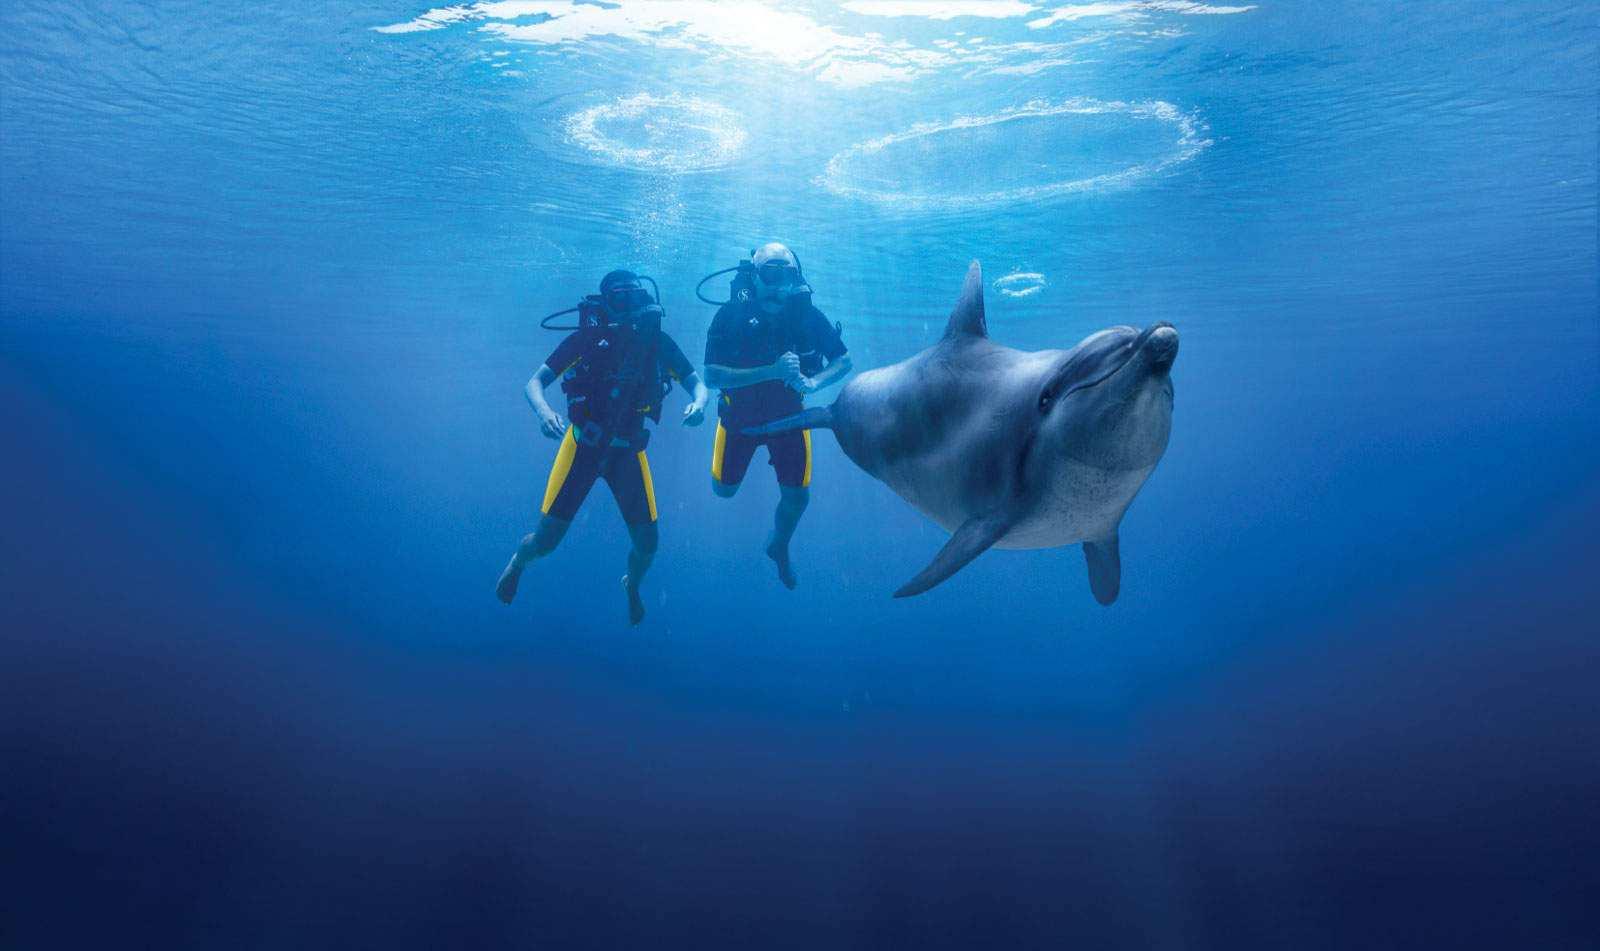 الغوص مع الدلافين في دبي الامارات من اجمل الانشطة السياحية في دبي